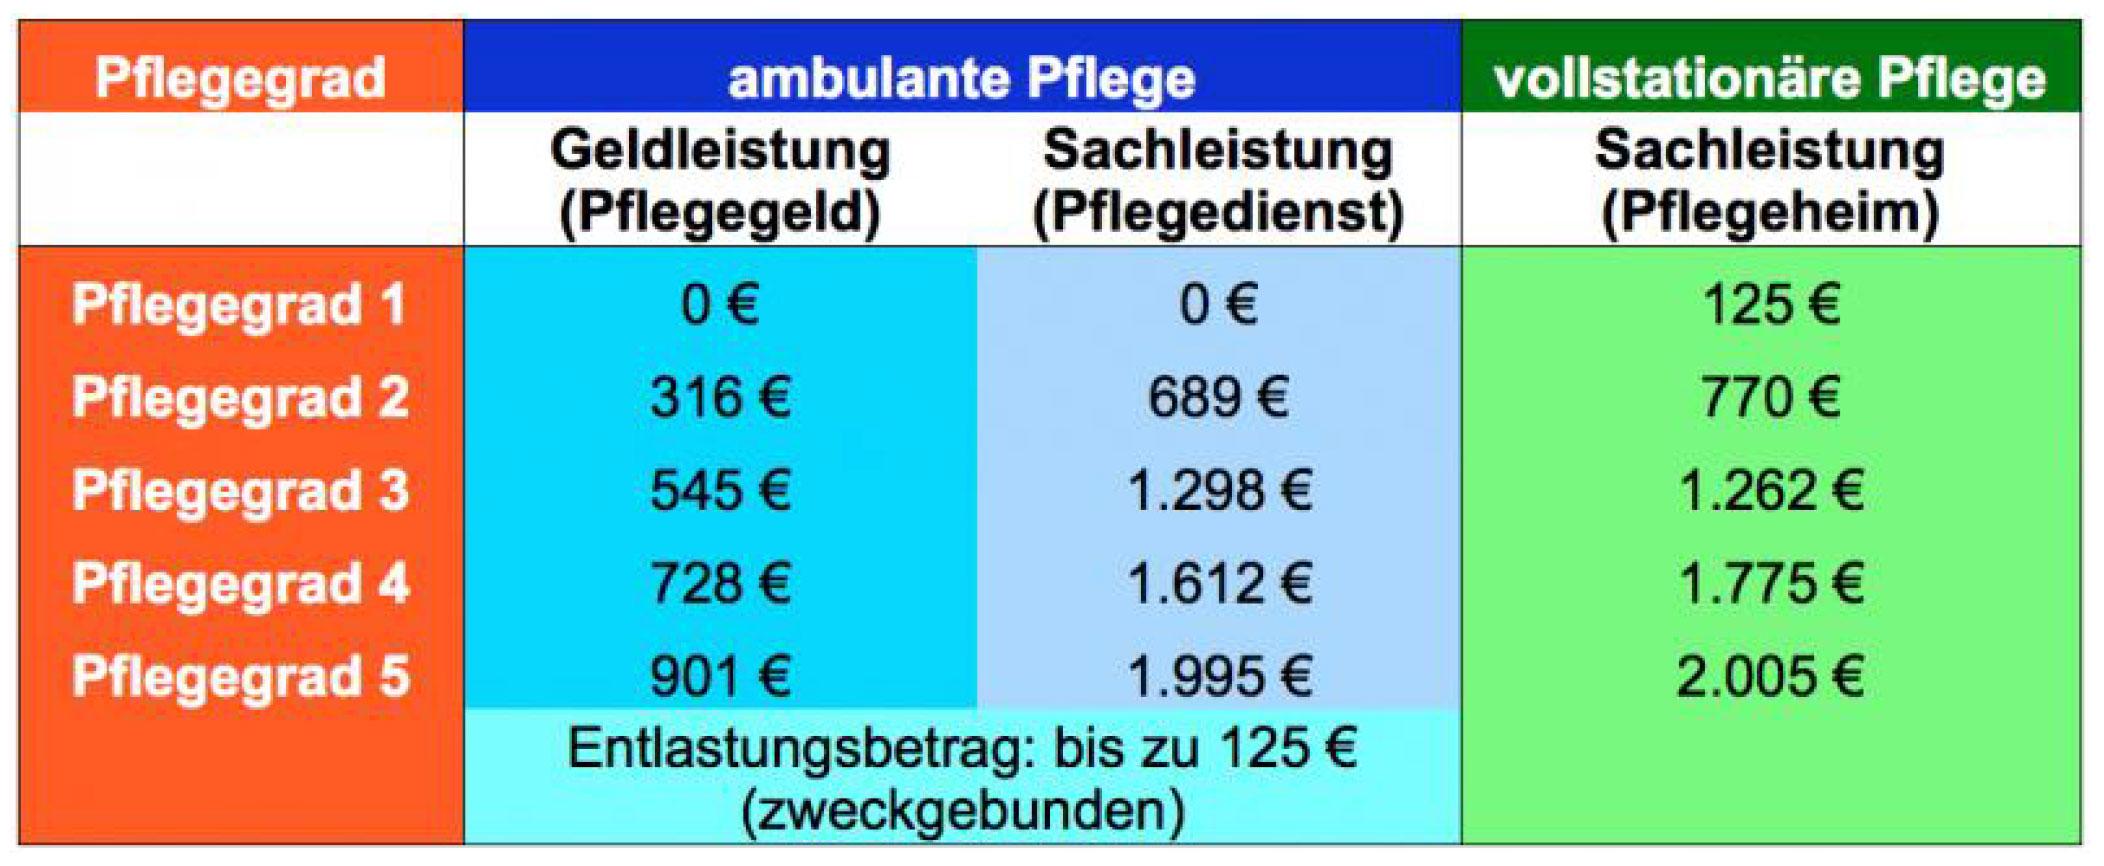 pflegegesetz-2